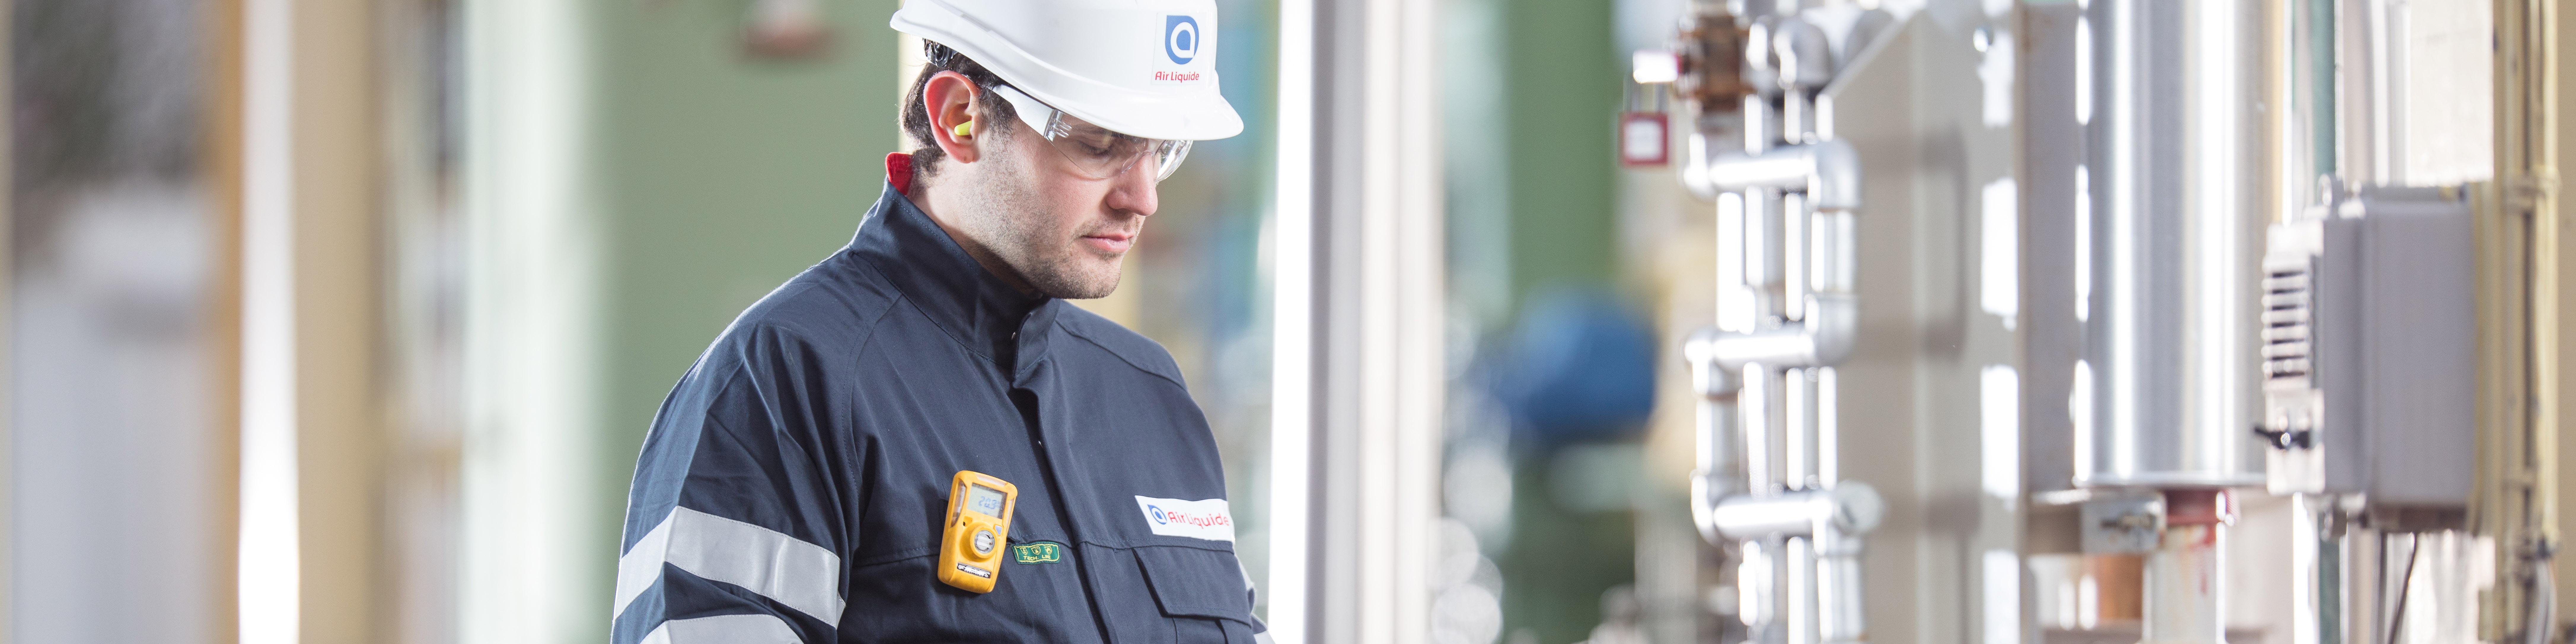 SERVIGAS forebyggende vedlikehold av gassdistribusjonsutstyr | myGAS | Air Liquide